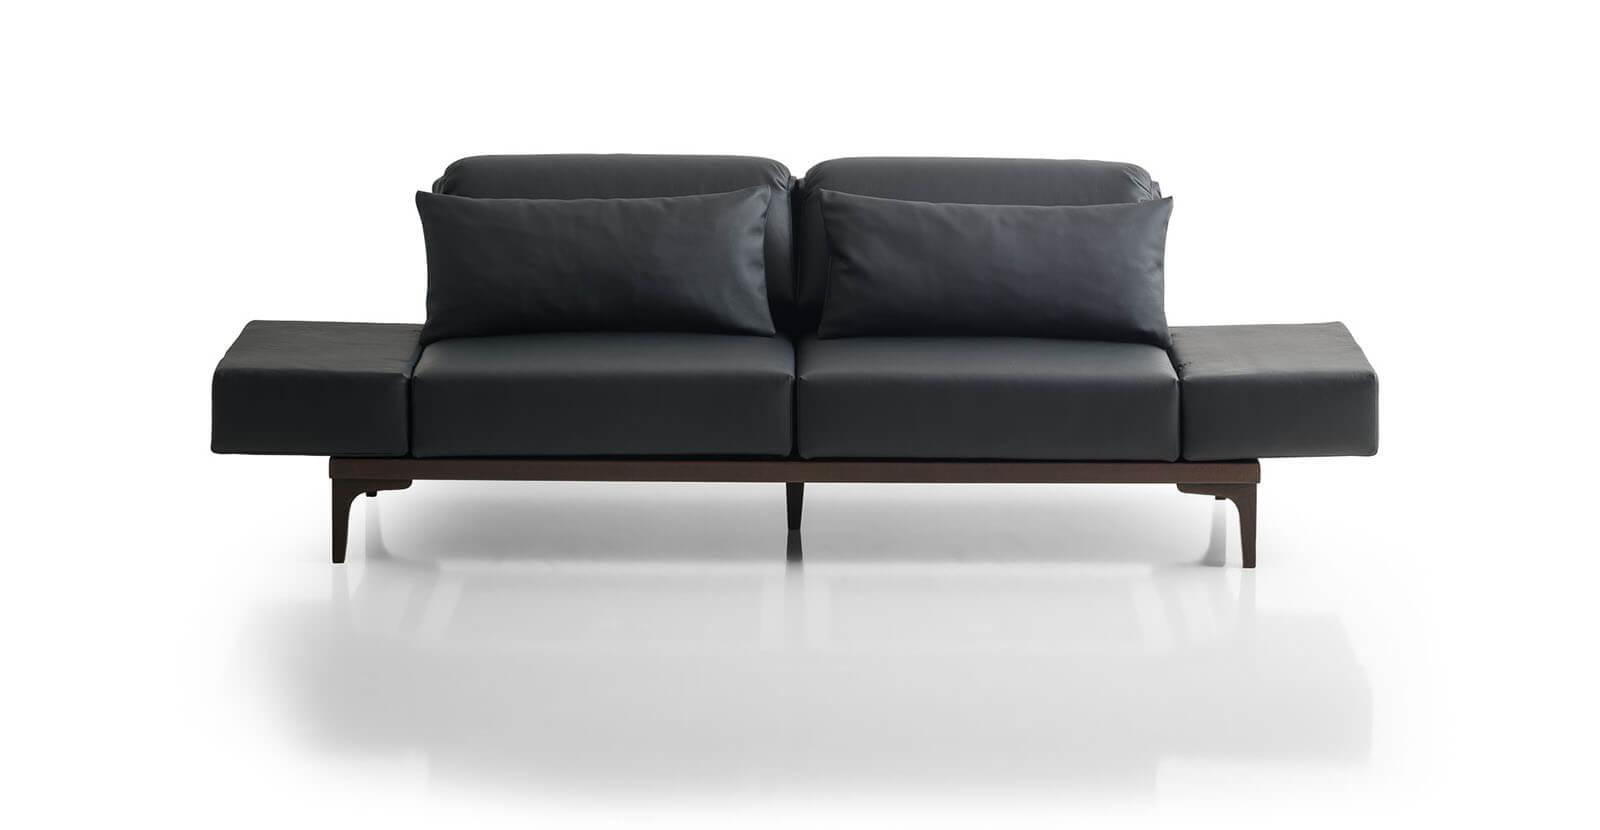 sofabed mito mit r ckenverstellung by franz fertig. Black Bedroom Furniture Sets. Home Design Ideas